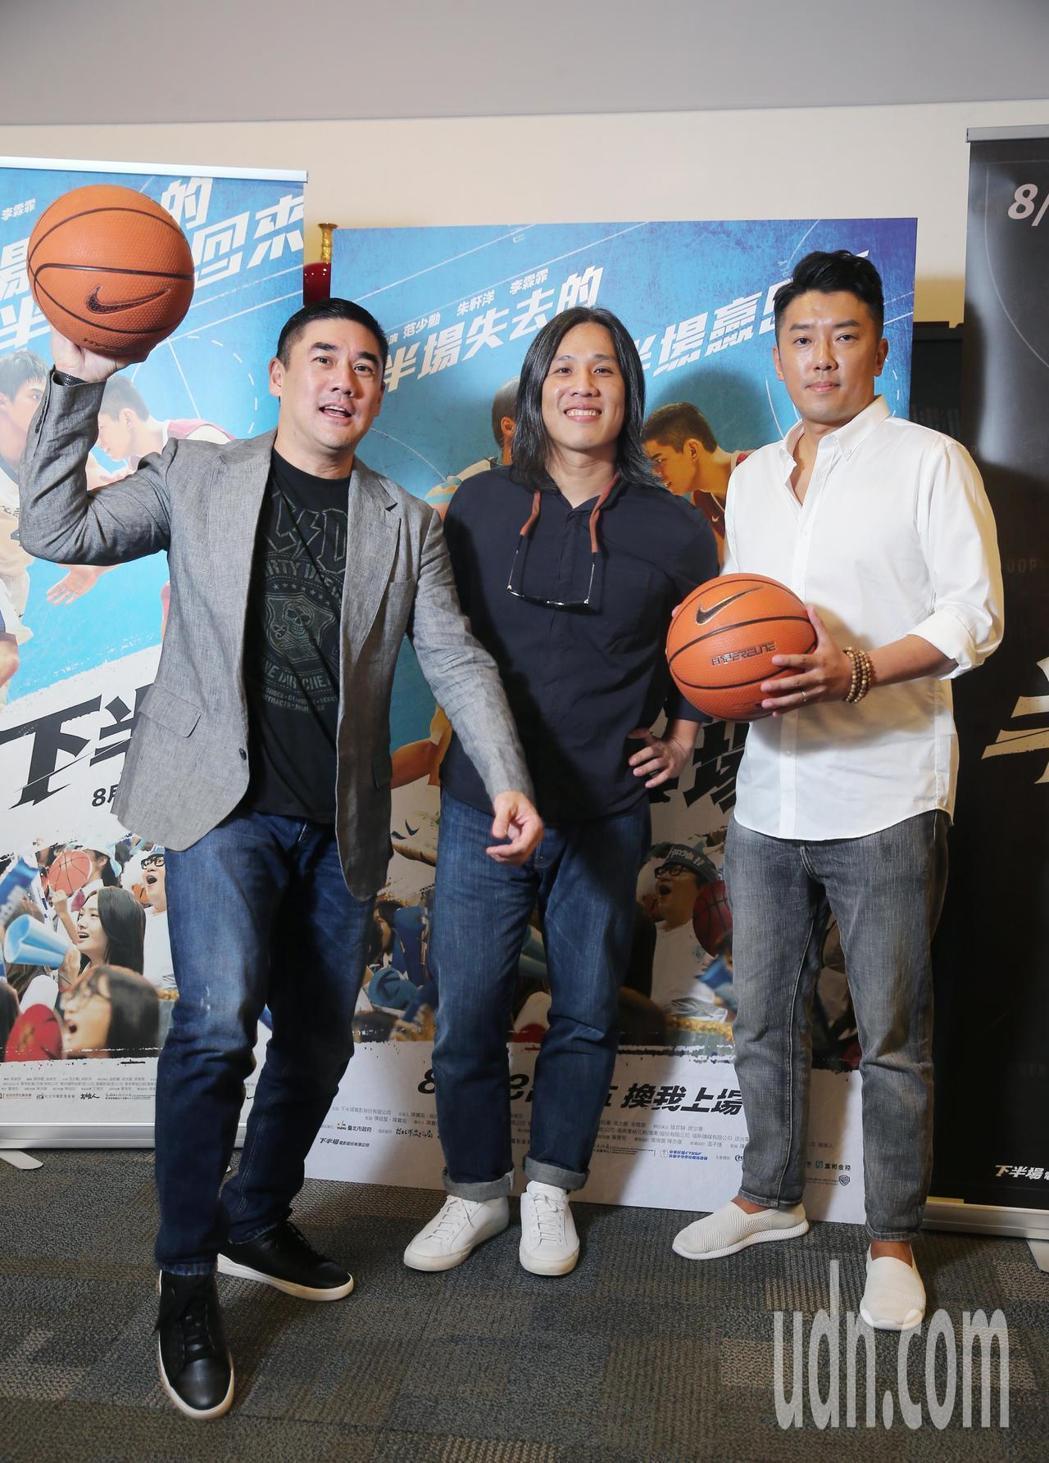 「下半場」演員吳大維(左)、段鈞豪(右)與導演張榮吉共同受訪,暢談青春時期打籃球...